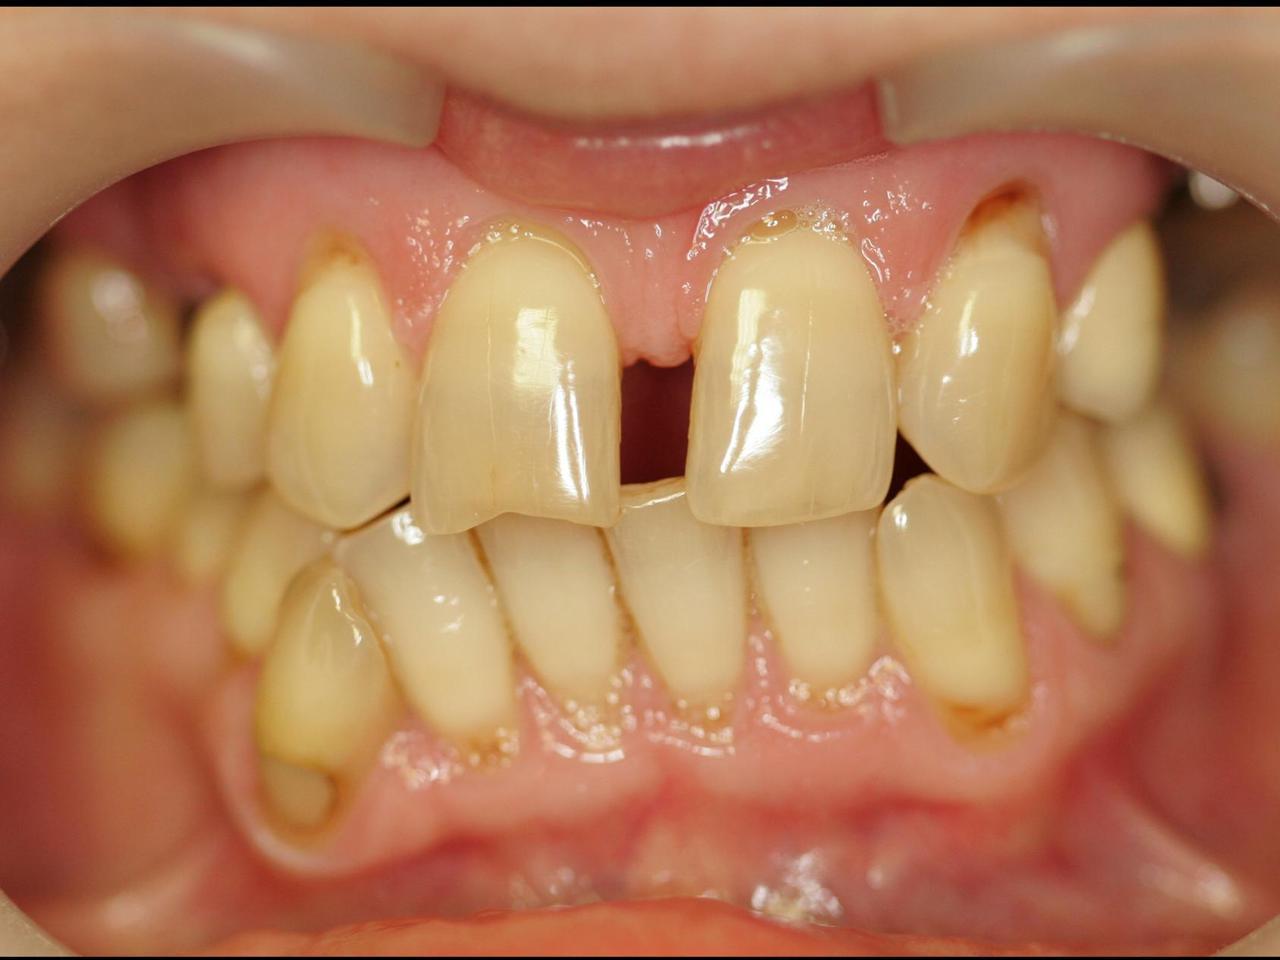 Рис. 1. Вид зубов до реставрации.